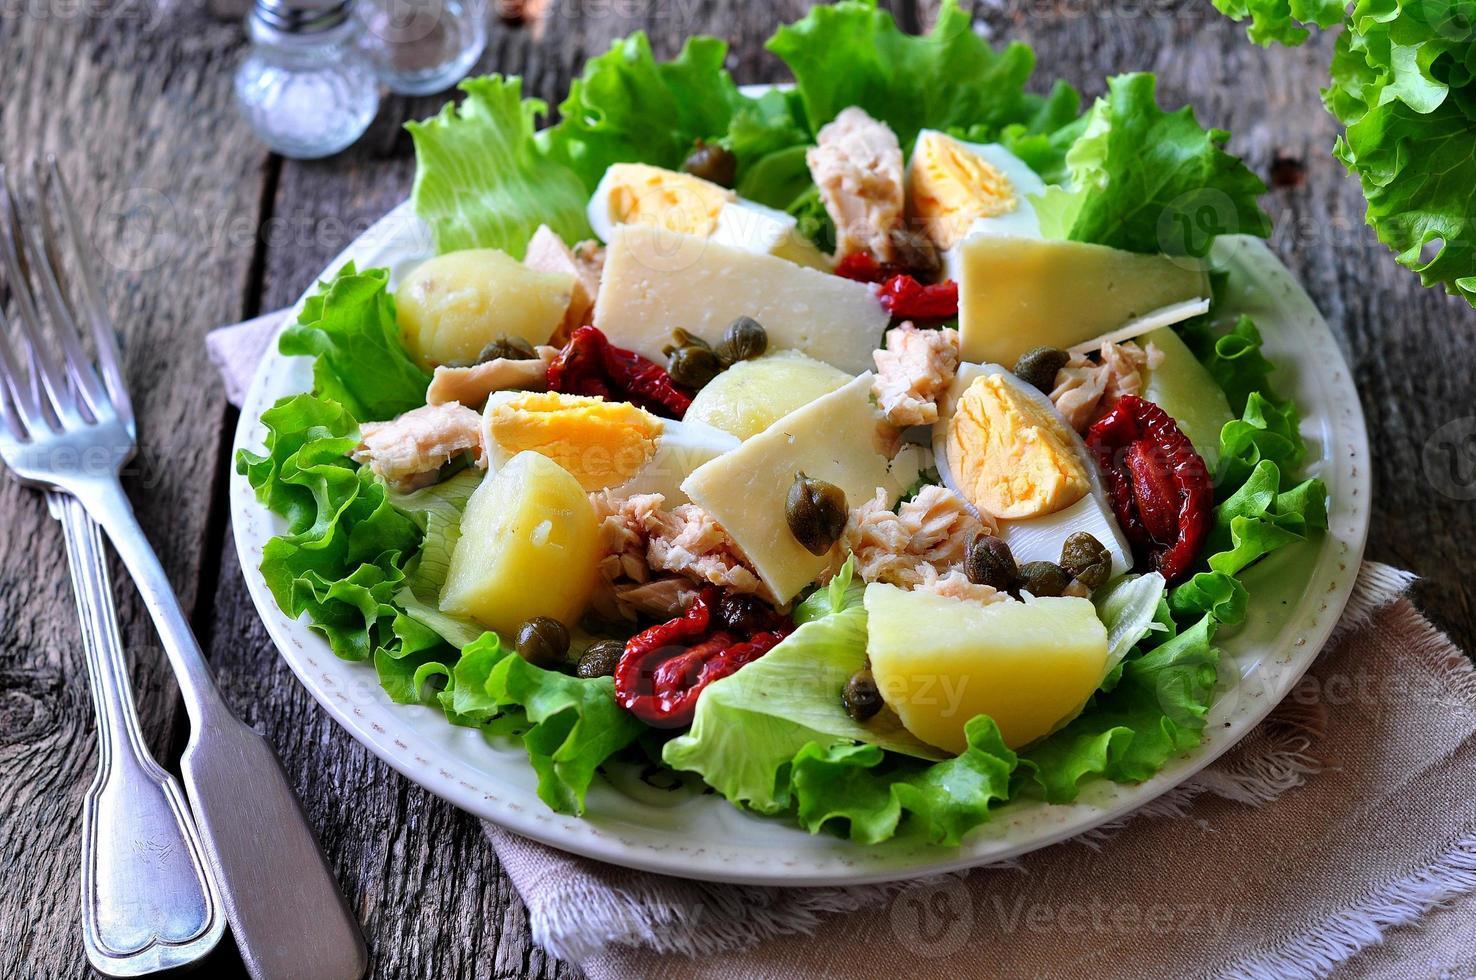 salade van sla, ijsbergsla, tonijn in blik, gedroogde tomaten foto